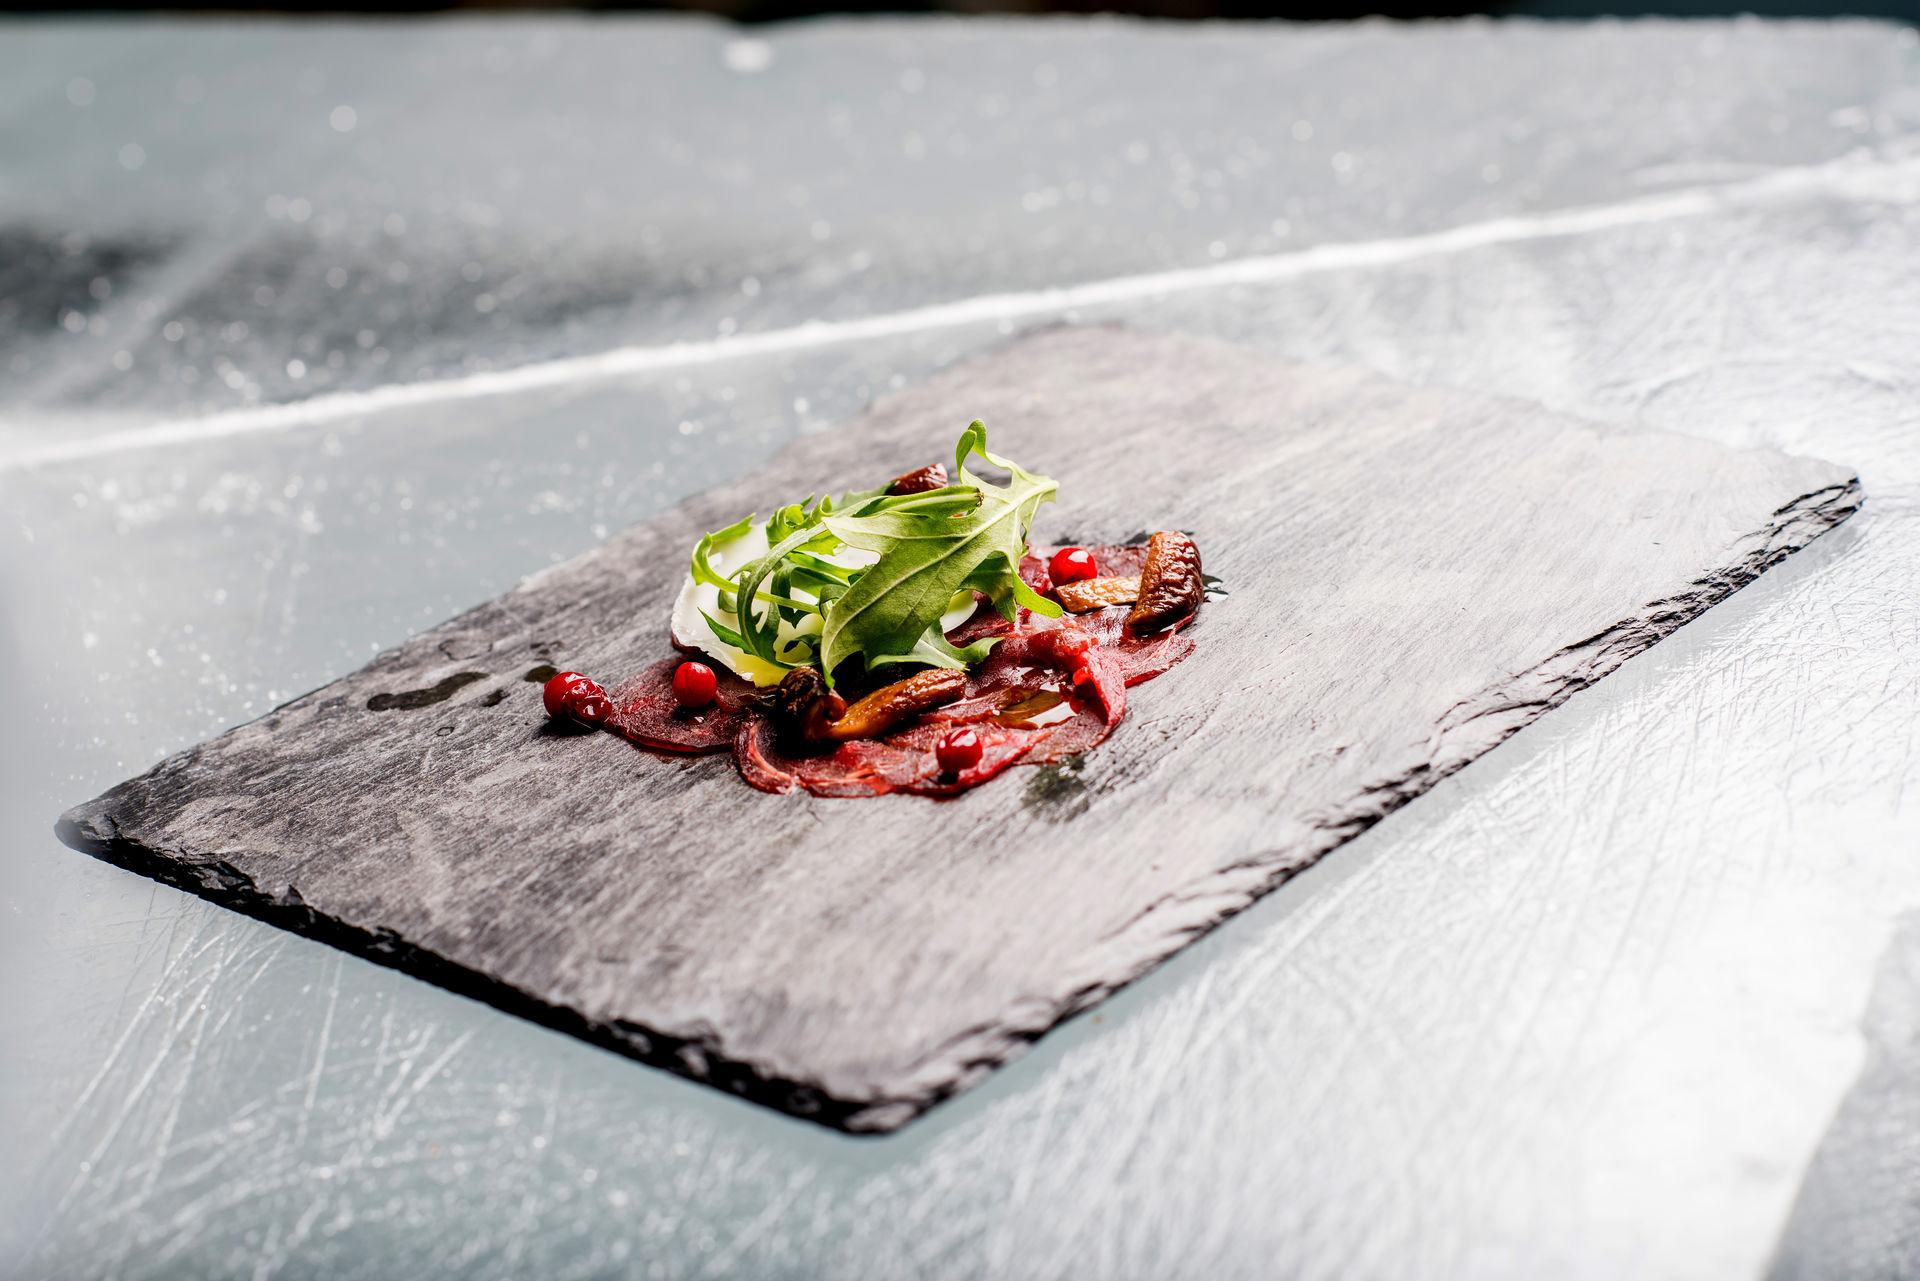 Tradisjonelt og samisk servert på nyskapende vis © Ørjan Bertelsen